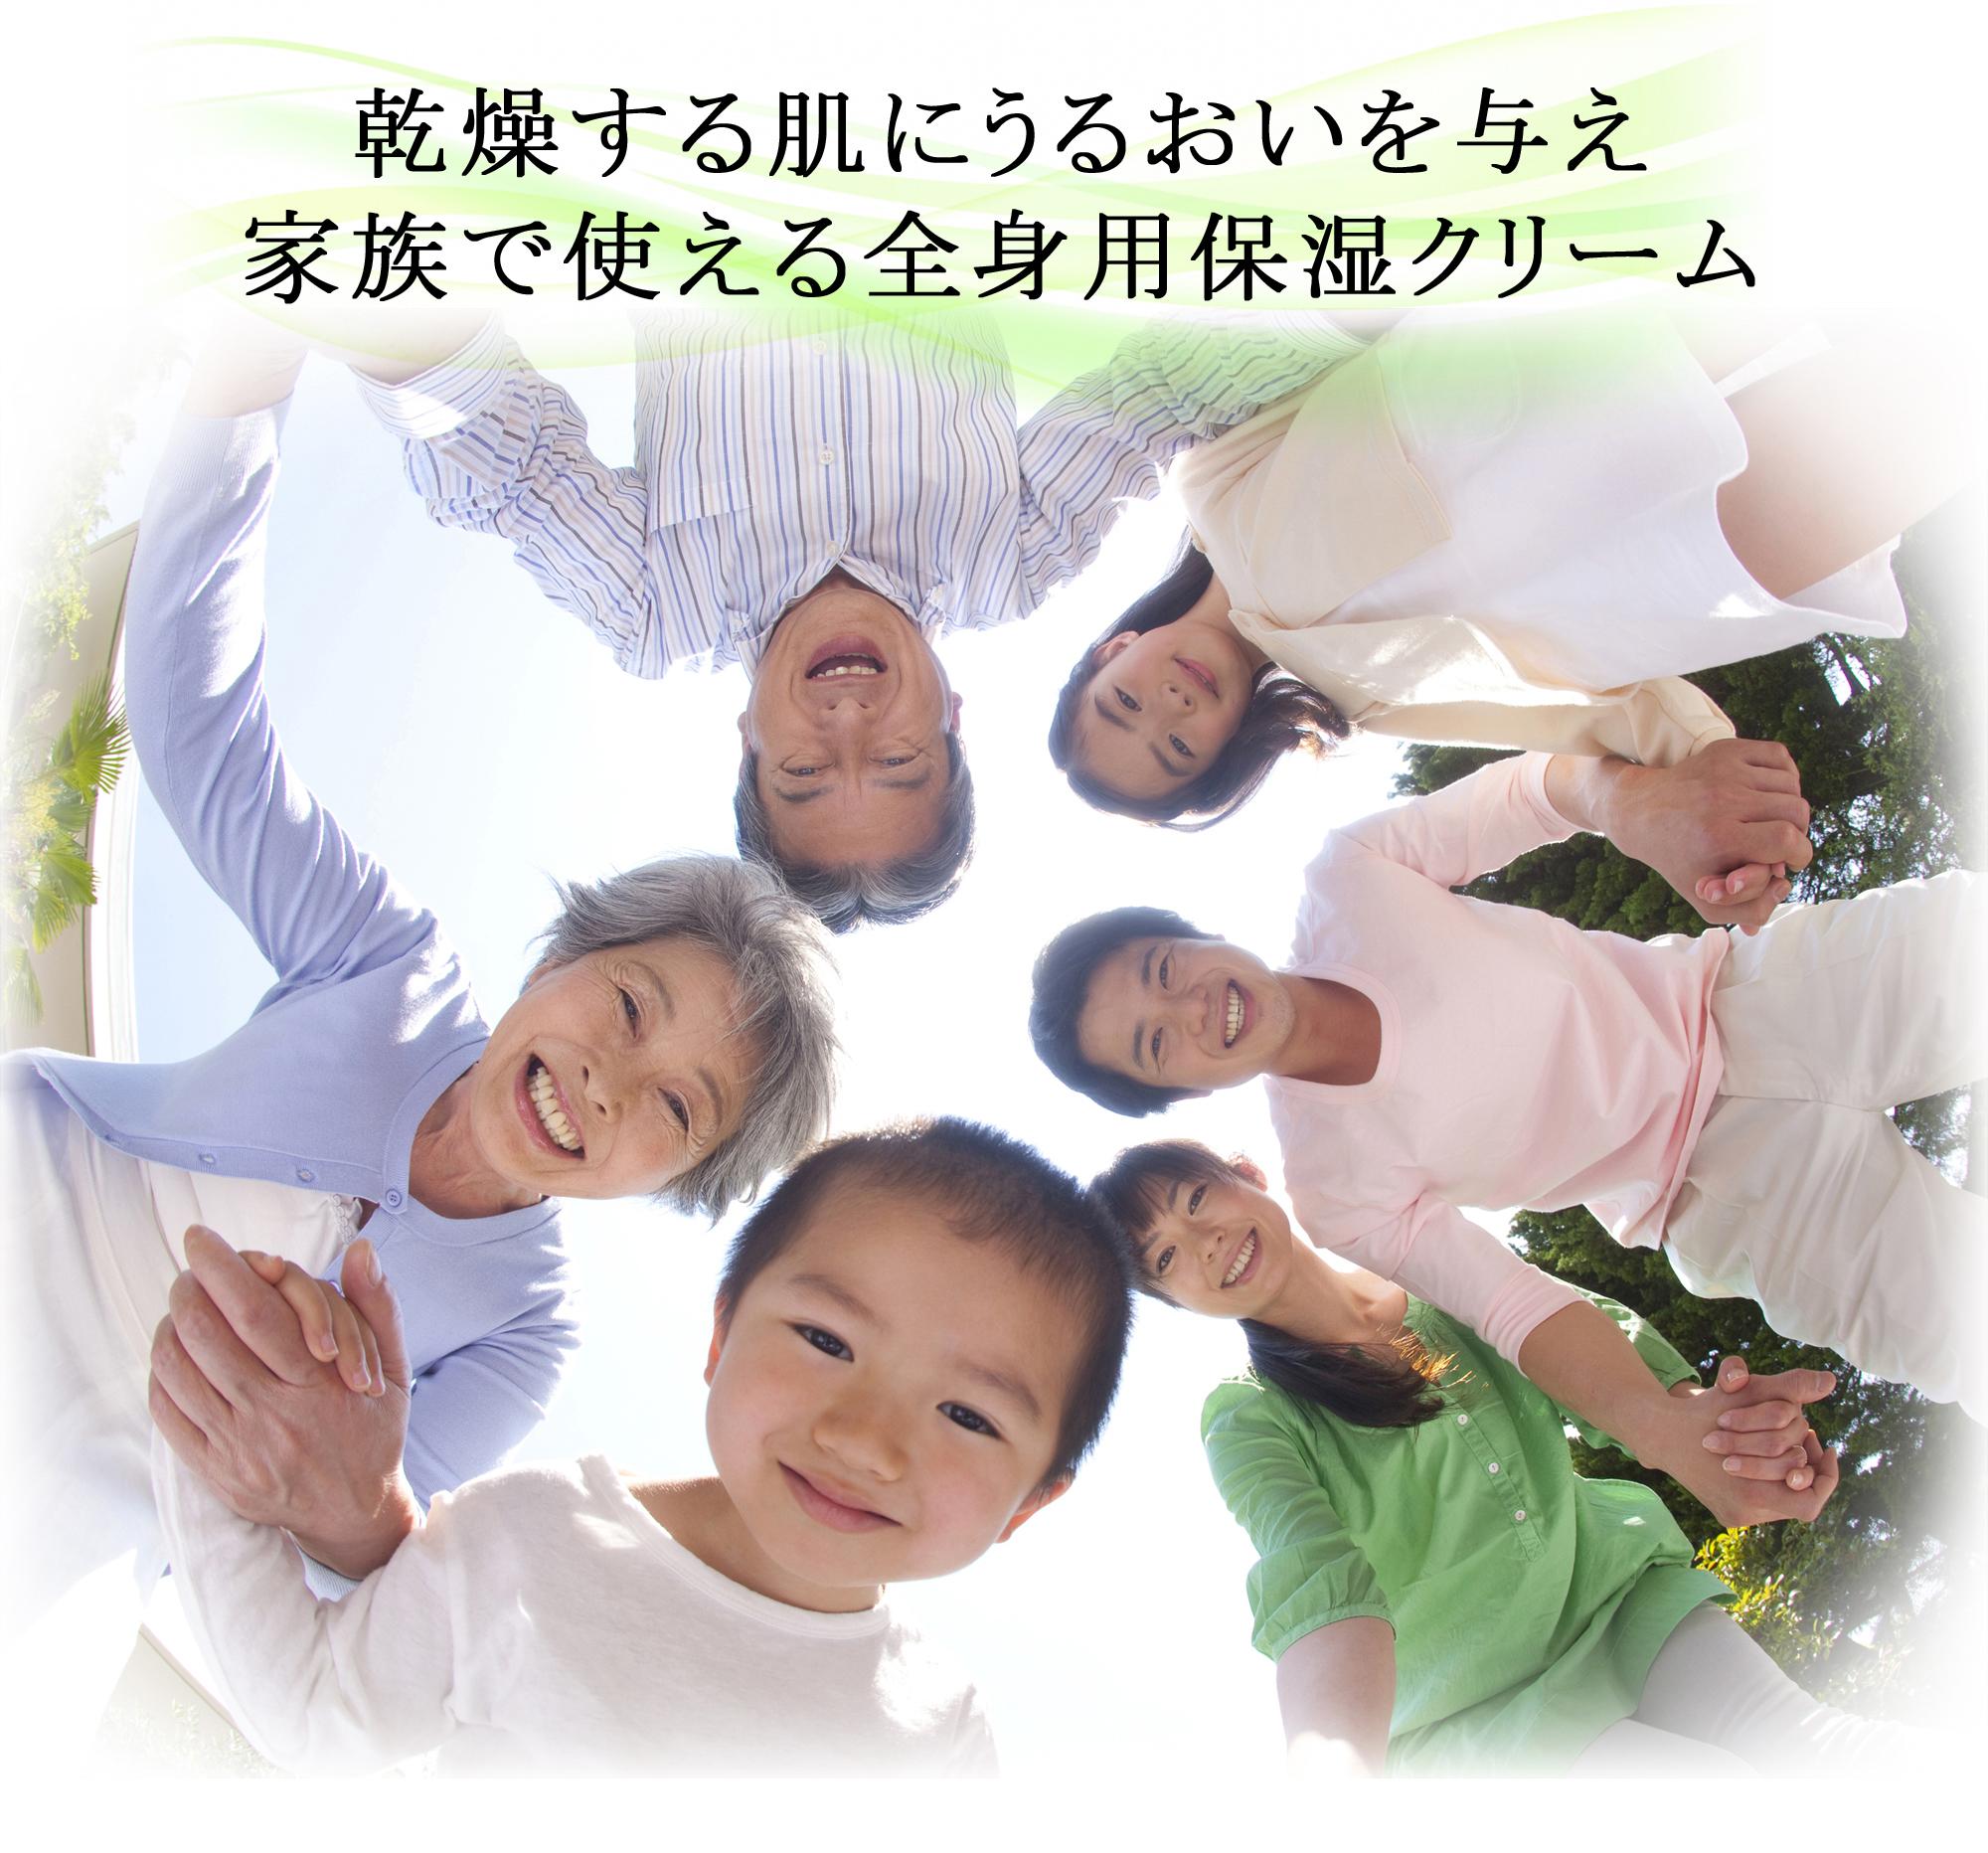 乾燥する肌にうるおいを与え家族で使える全身用クリーム